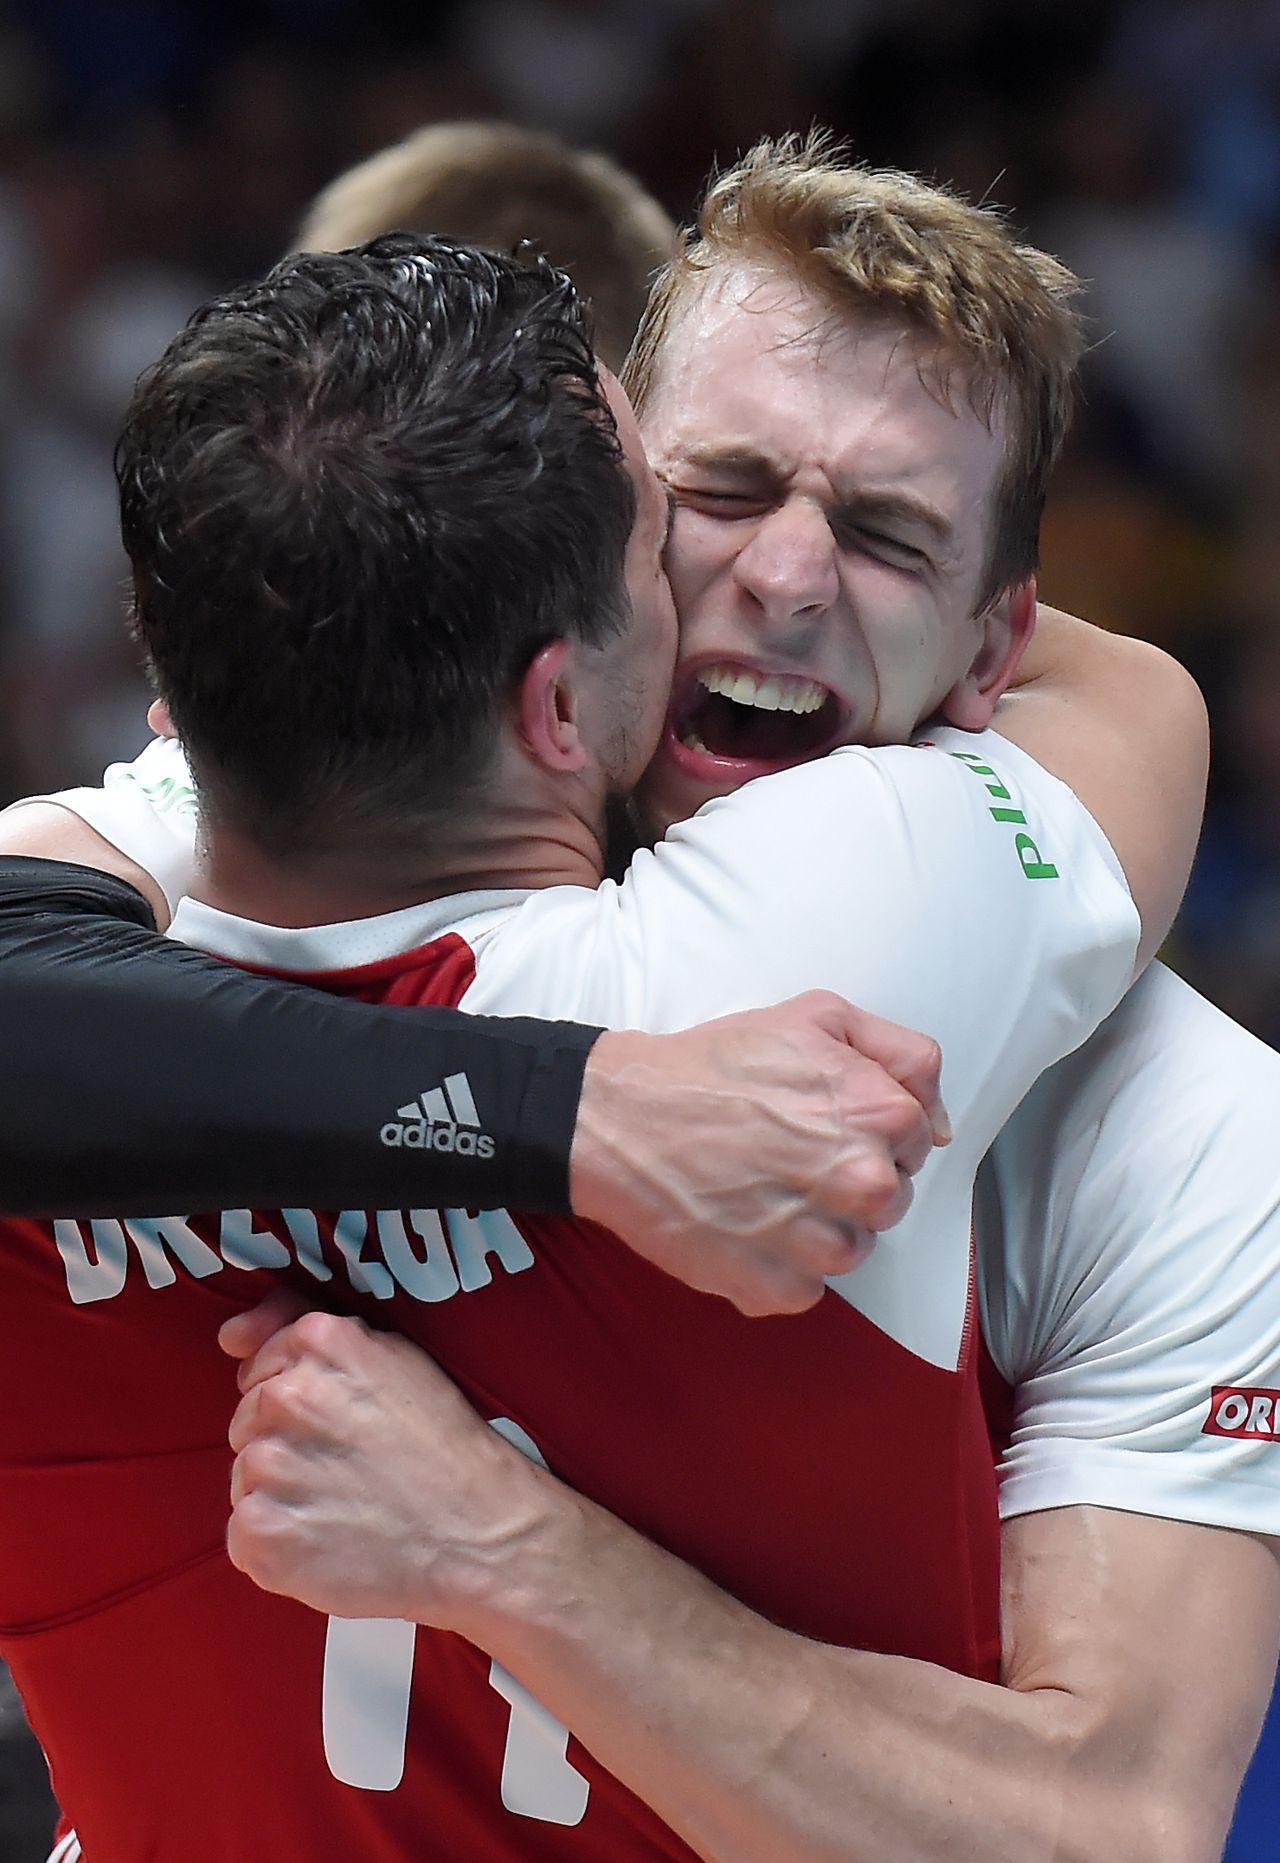 Doda chwali siatkarzy i krytykuje piłkarzy: dostali MILIONY, a nie wygrali NIC!